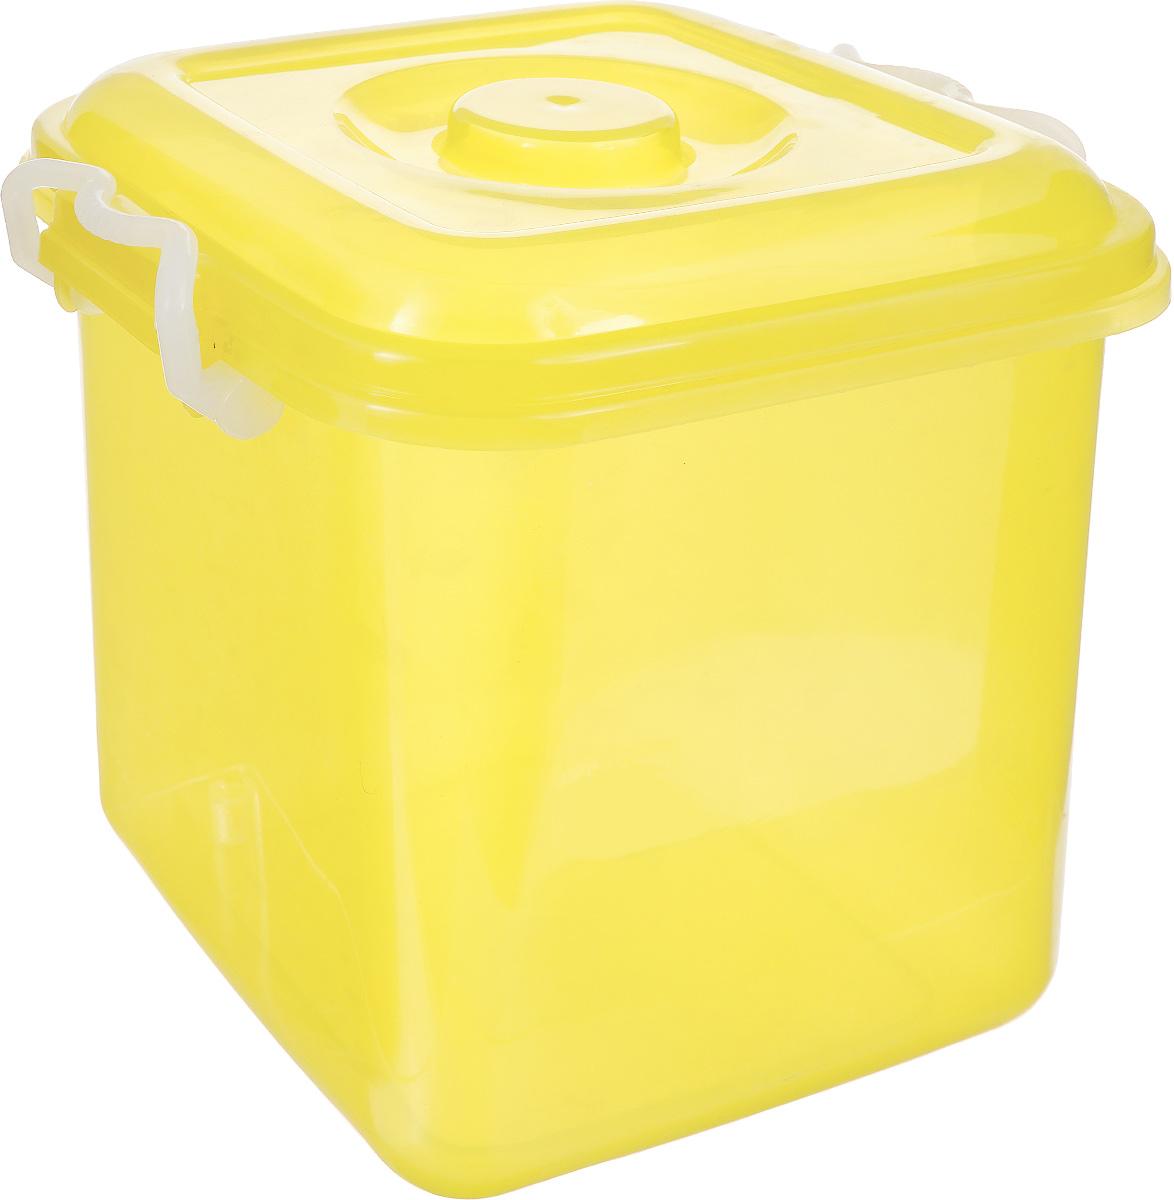 Контейнер для хранения Idea Океаник, цвет: желтый, 10 лМ 2857Контейнер Idea Океаник выполнен из прочного пластика, предназначен для хранения различных бытовых предметов и мелочей. Контейнер снабжен эргономичной плотно закрывающейся крышкой со специальными боковыми фиксаторами.